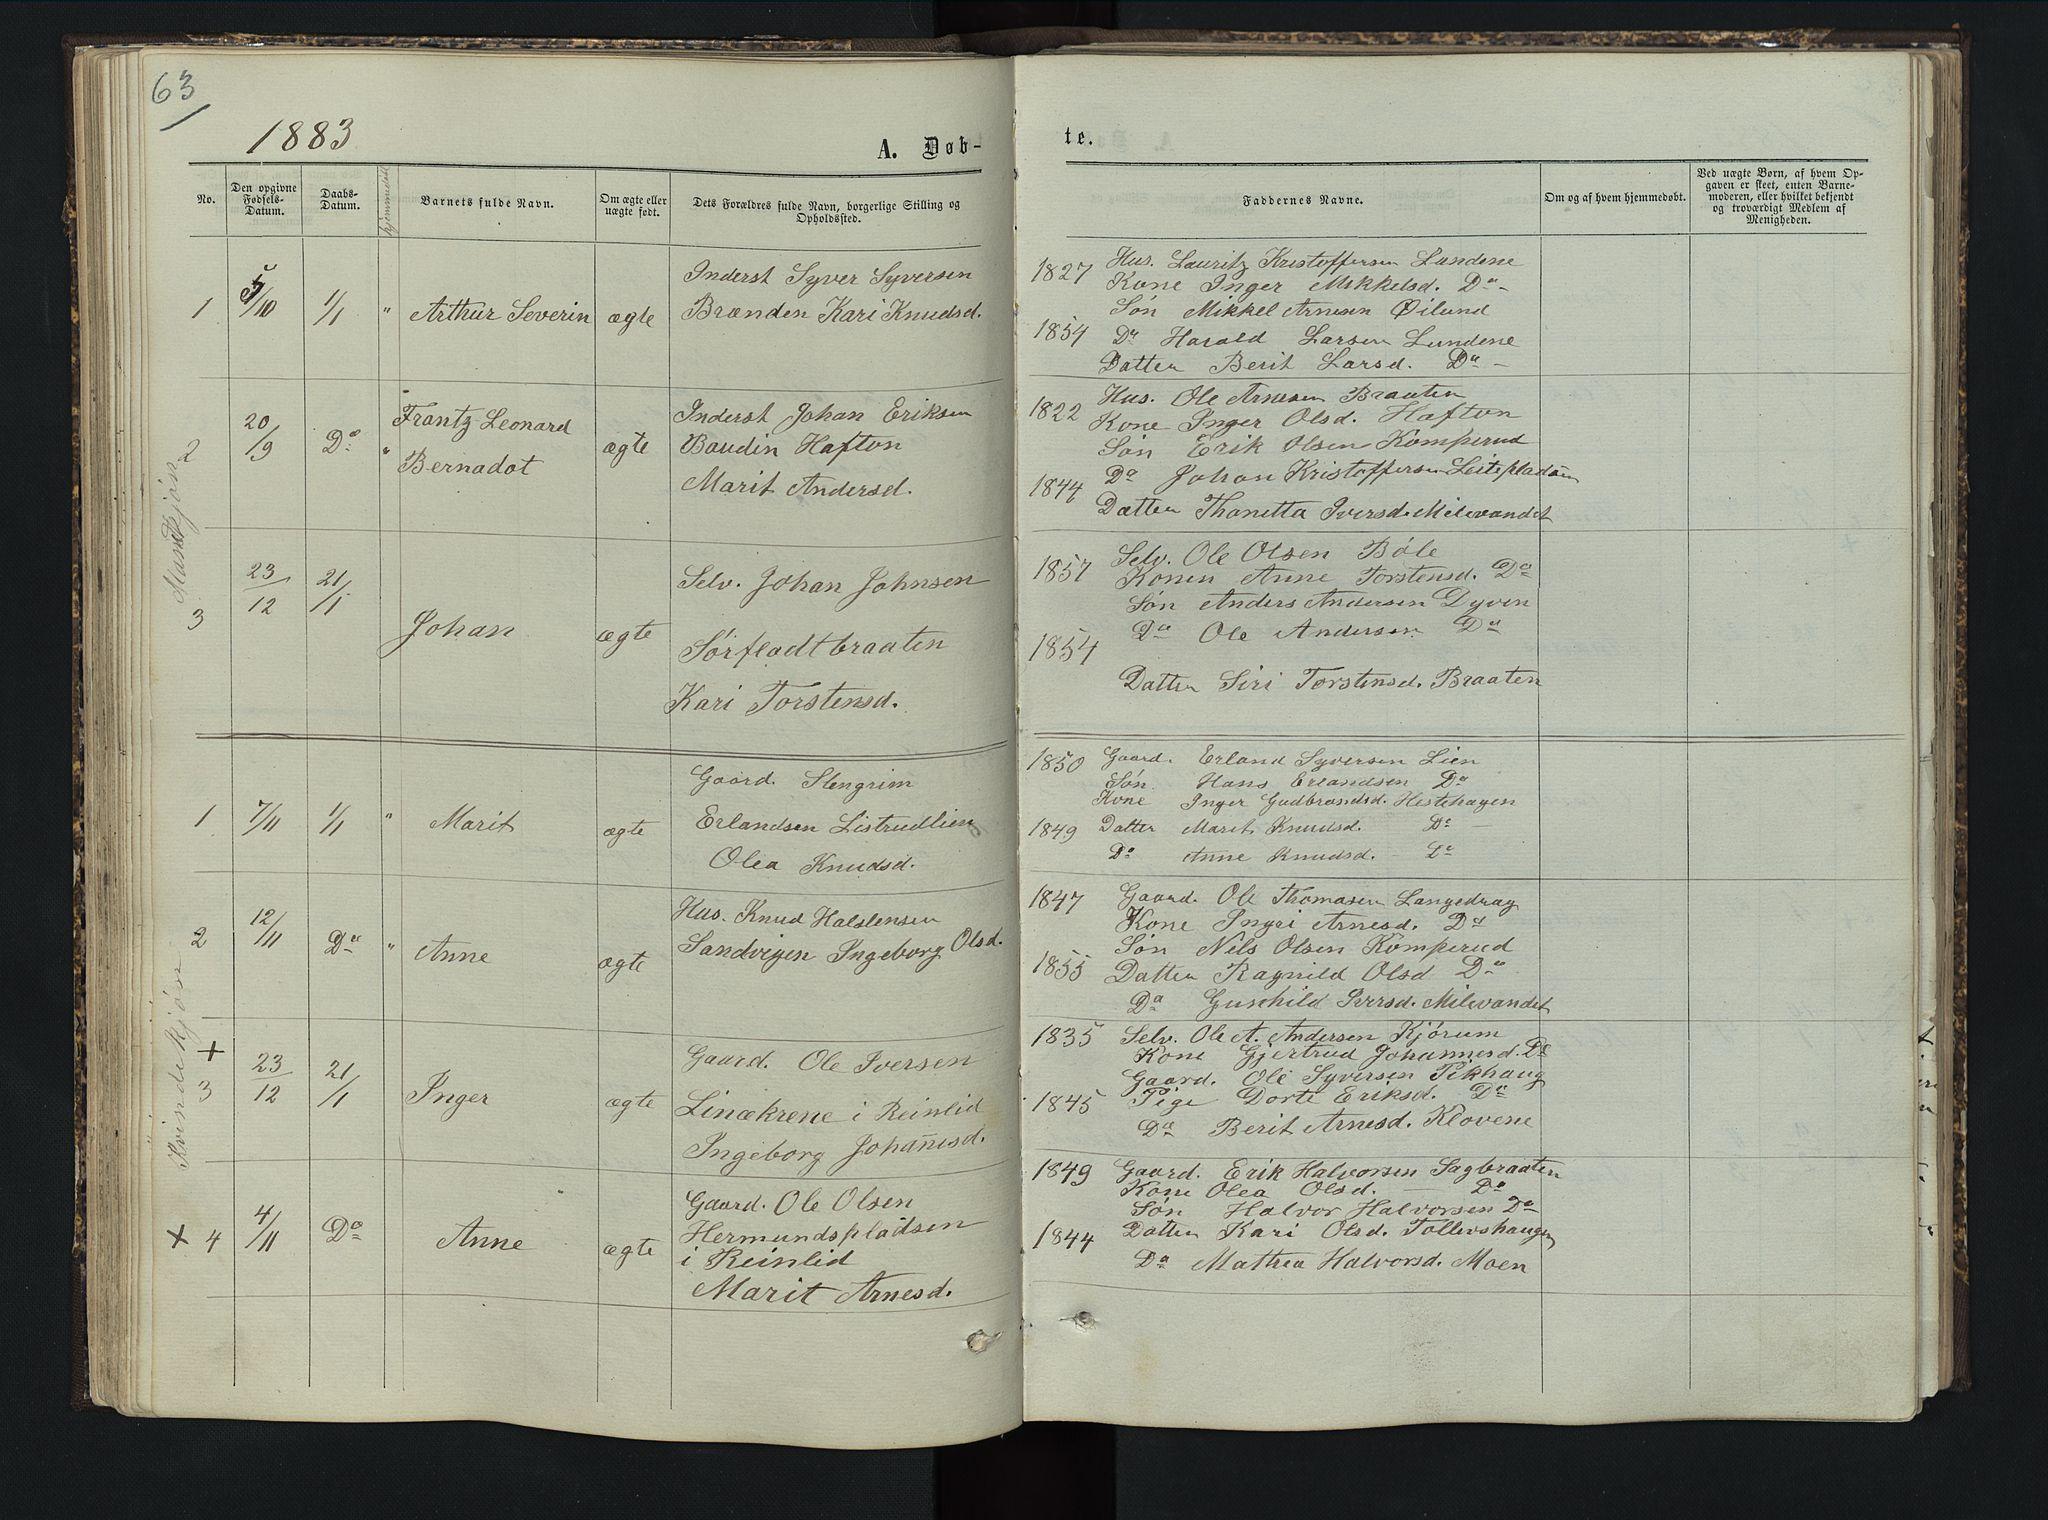 SAH, Sør-Aurdal prestekontor, Klokkerbok nr. 5, 1866-1893, s. 63